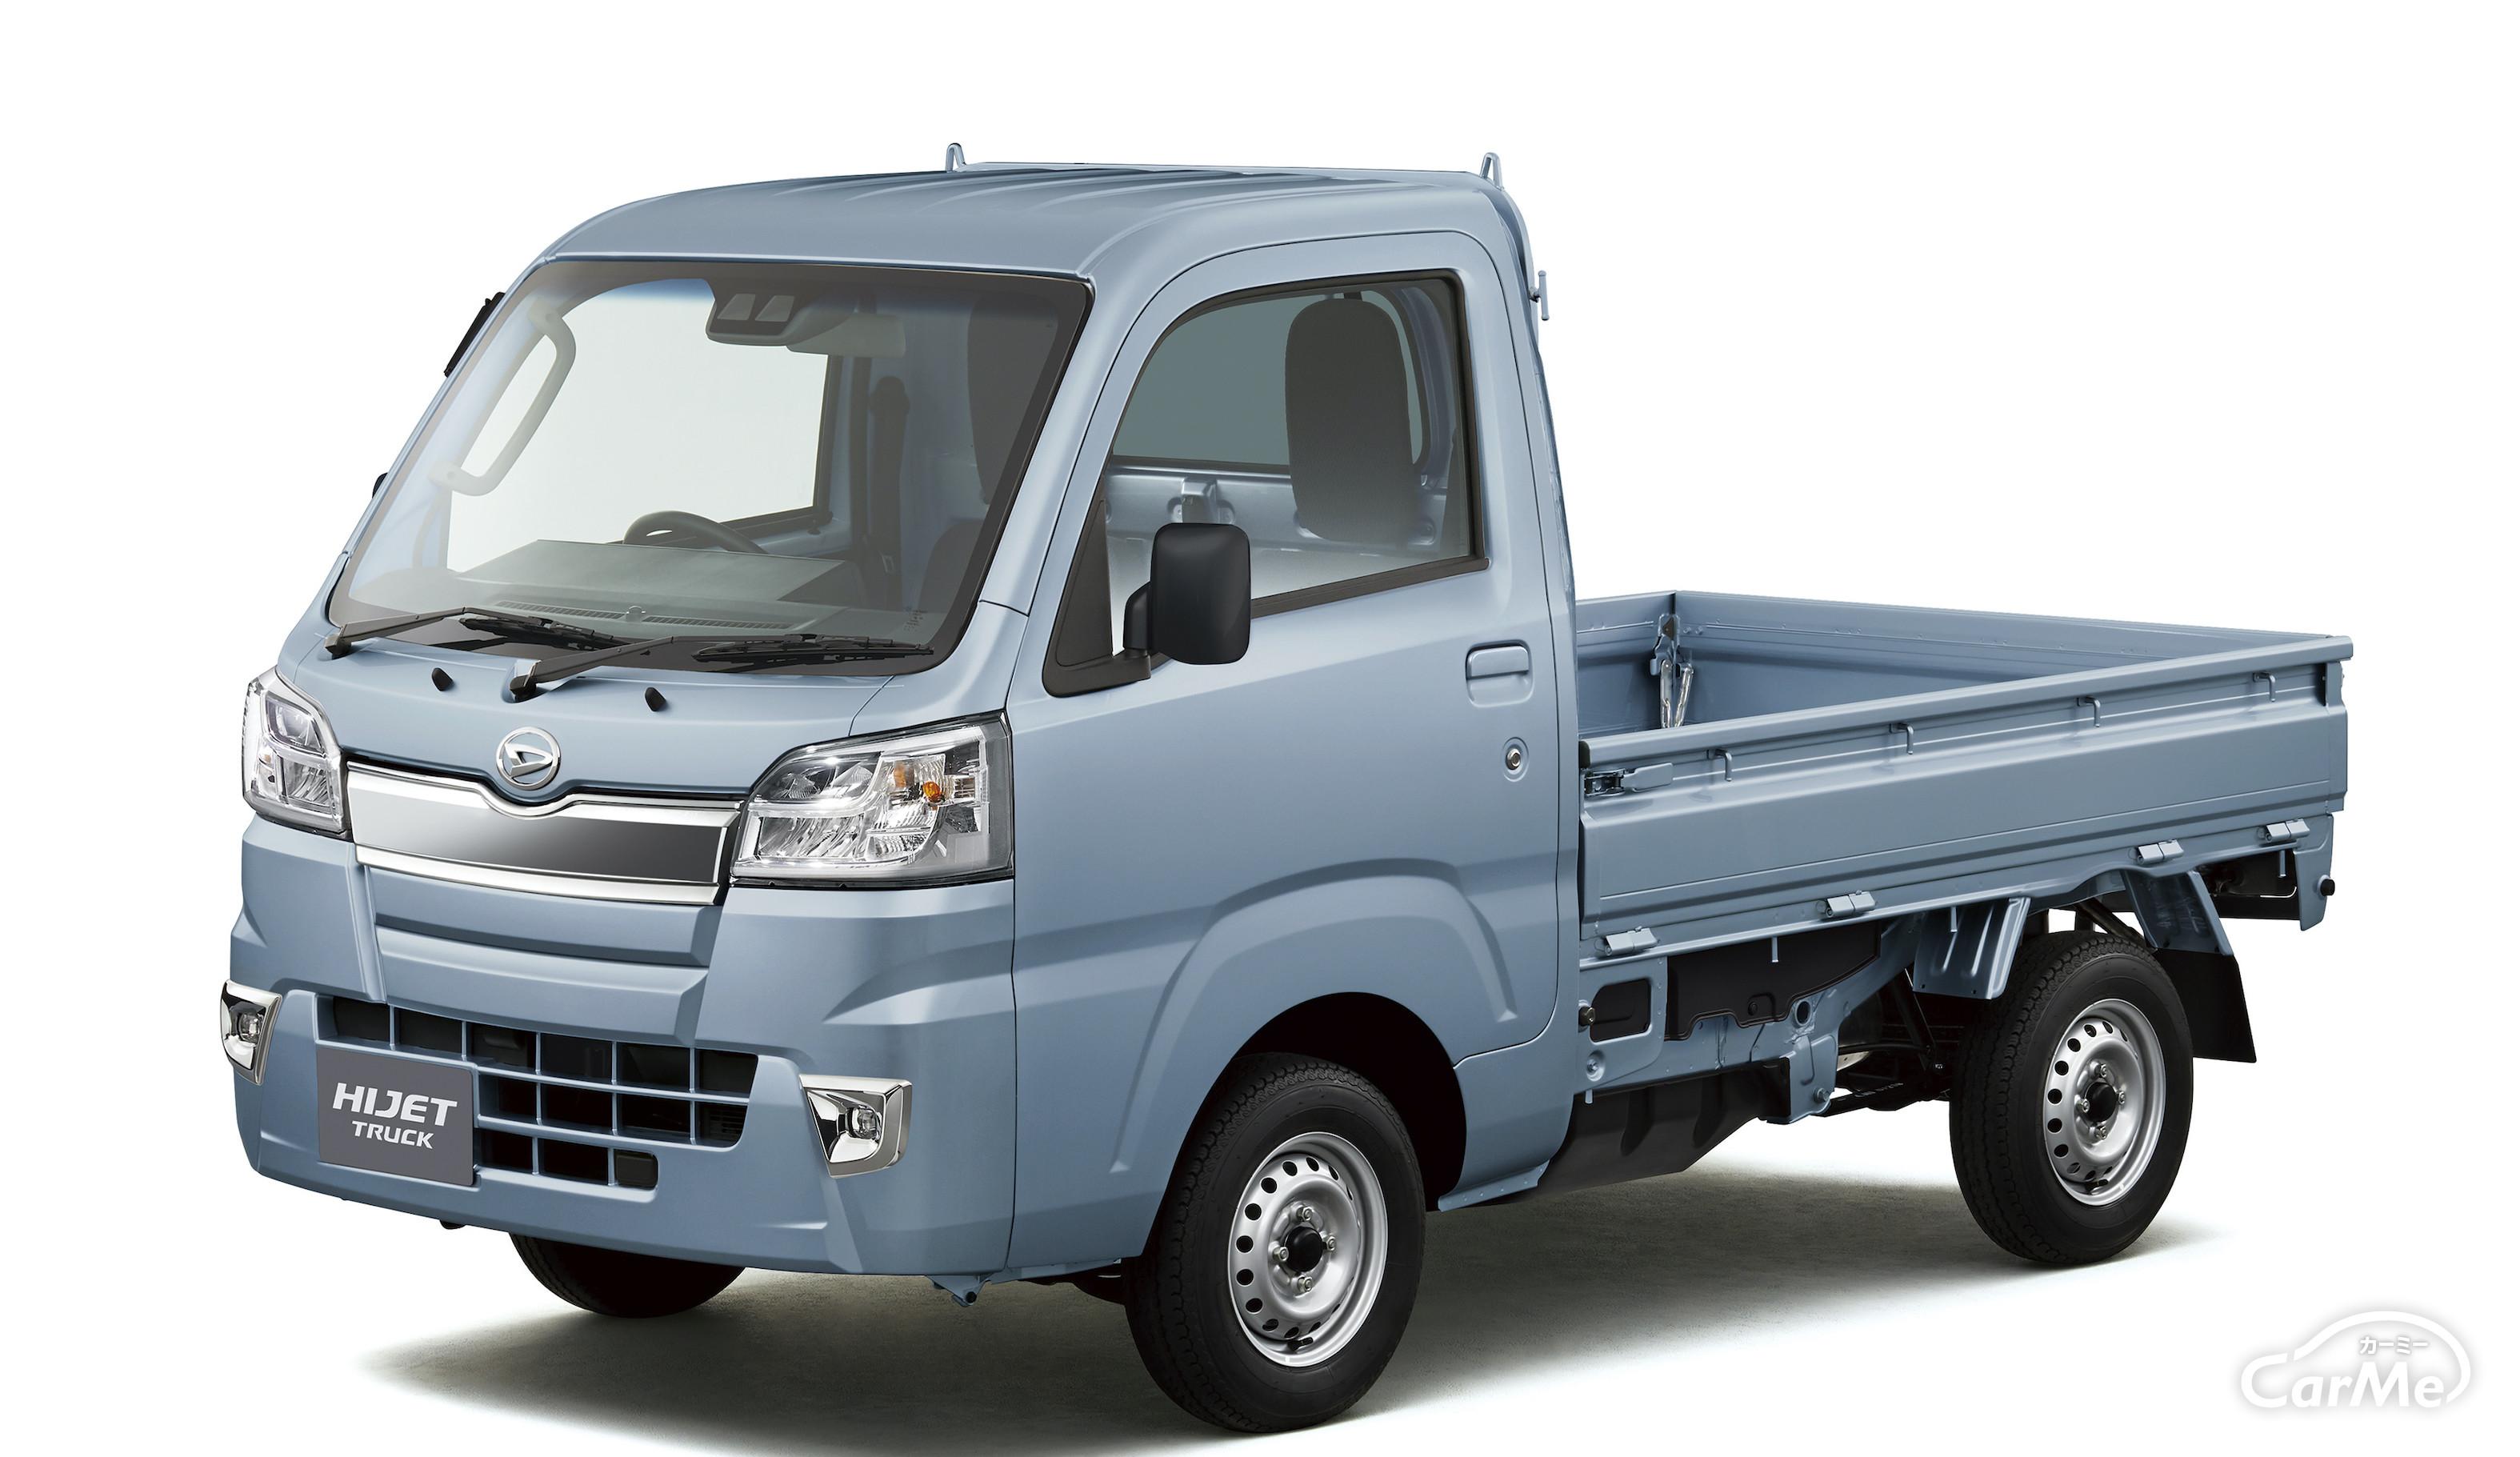 ダイハツ 10代目ハイゼットトラック(S500P/S510P型)の長所は?